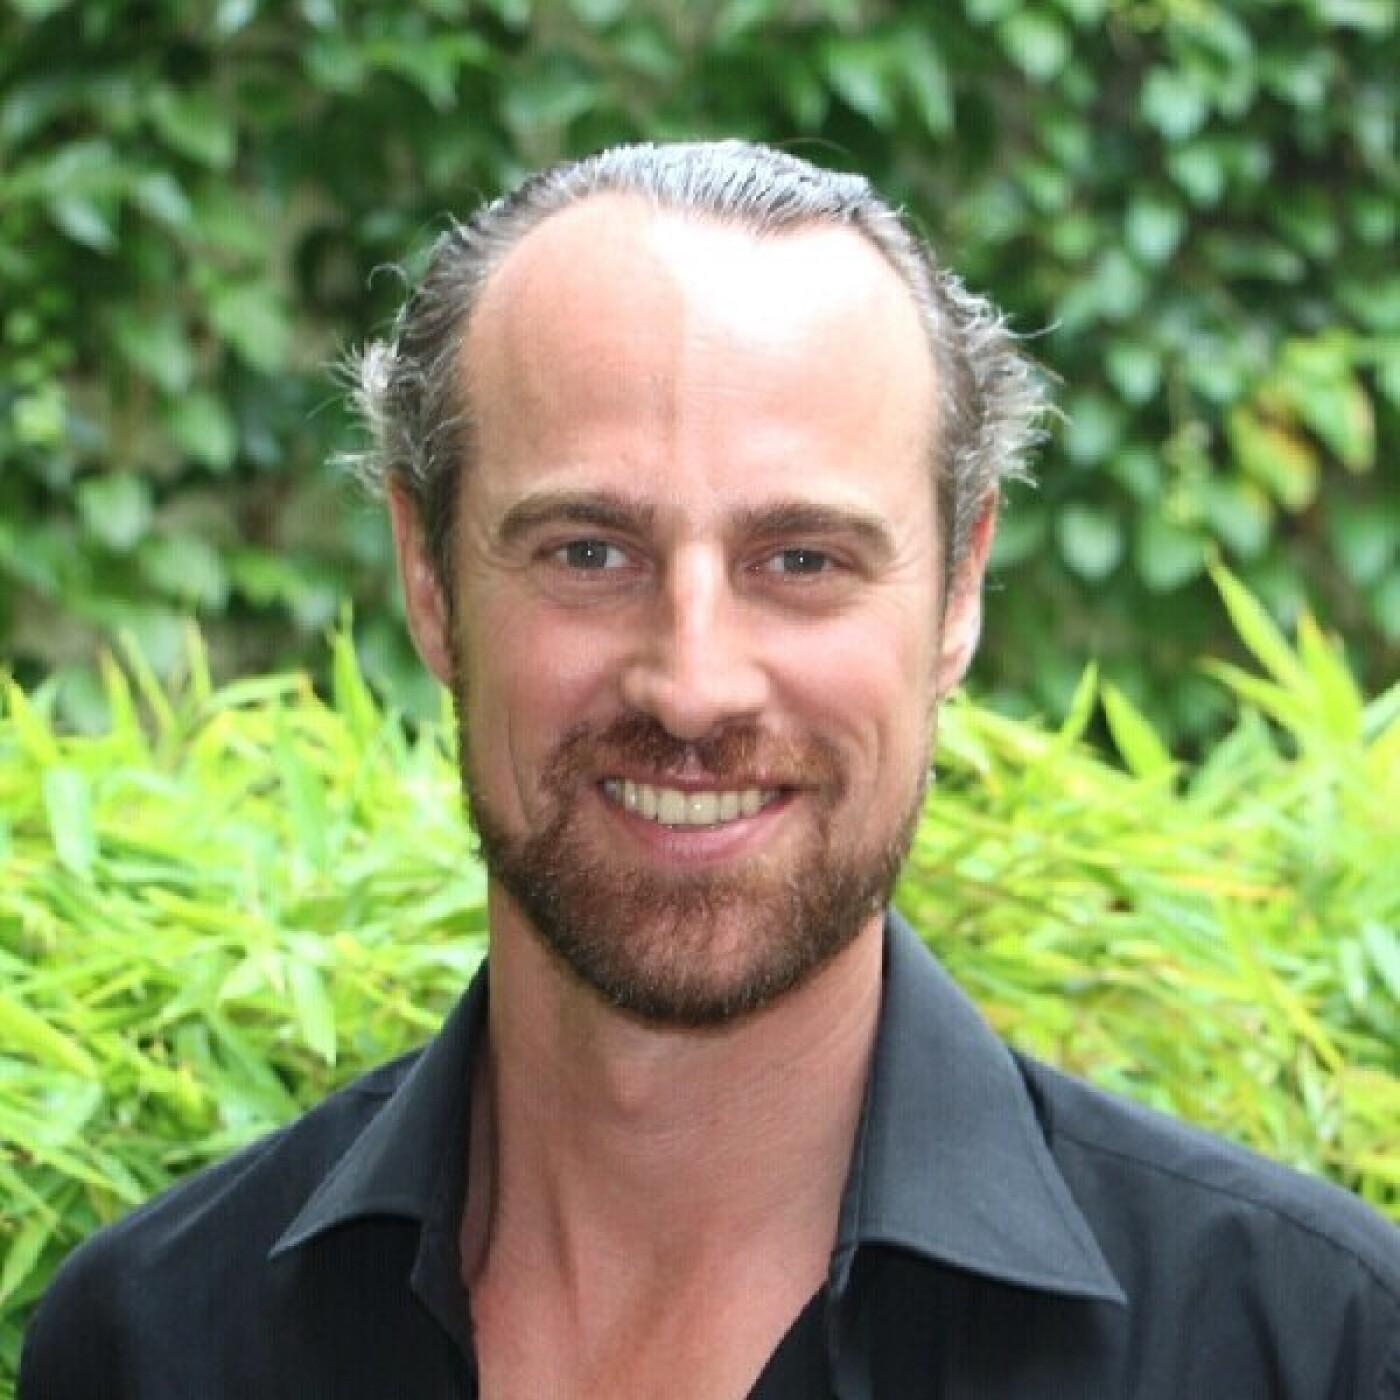 Guillaume, PDG Asia Voyages, parle de son experience d'expat et de son agence - 06 04 21 - StereoChic Radio